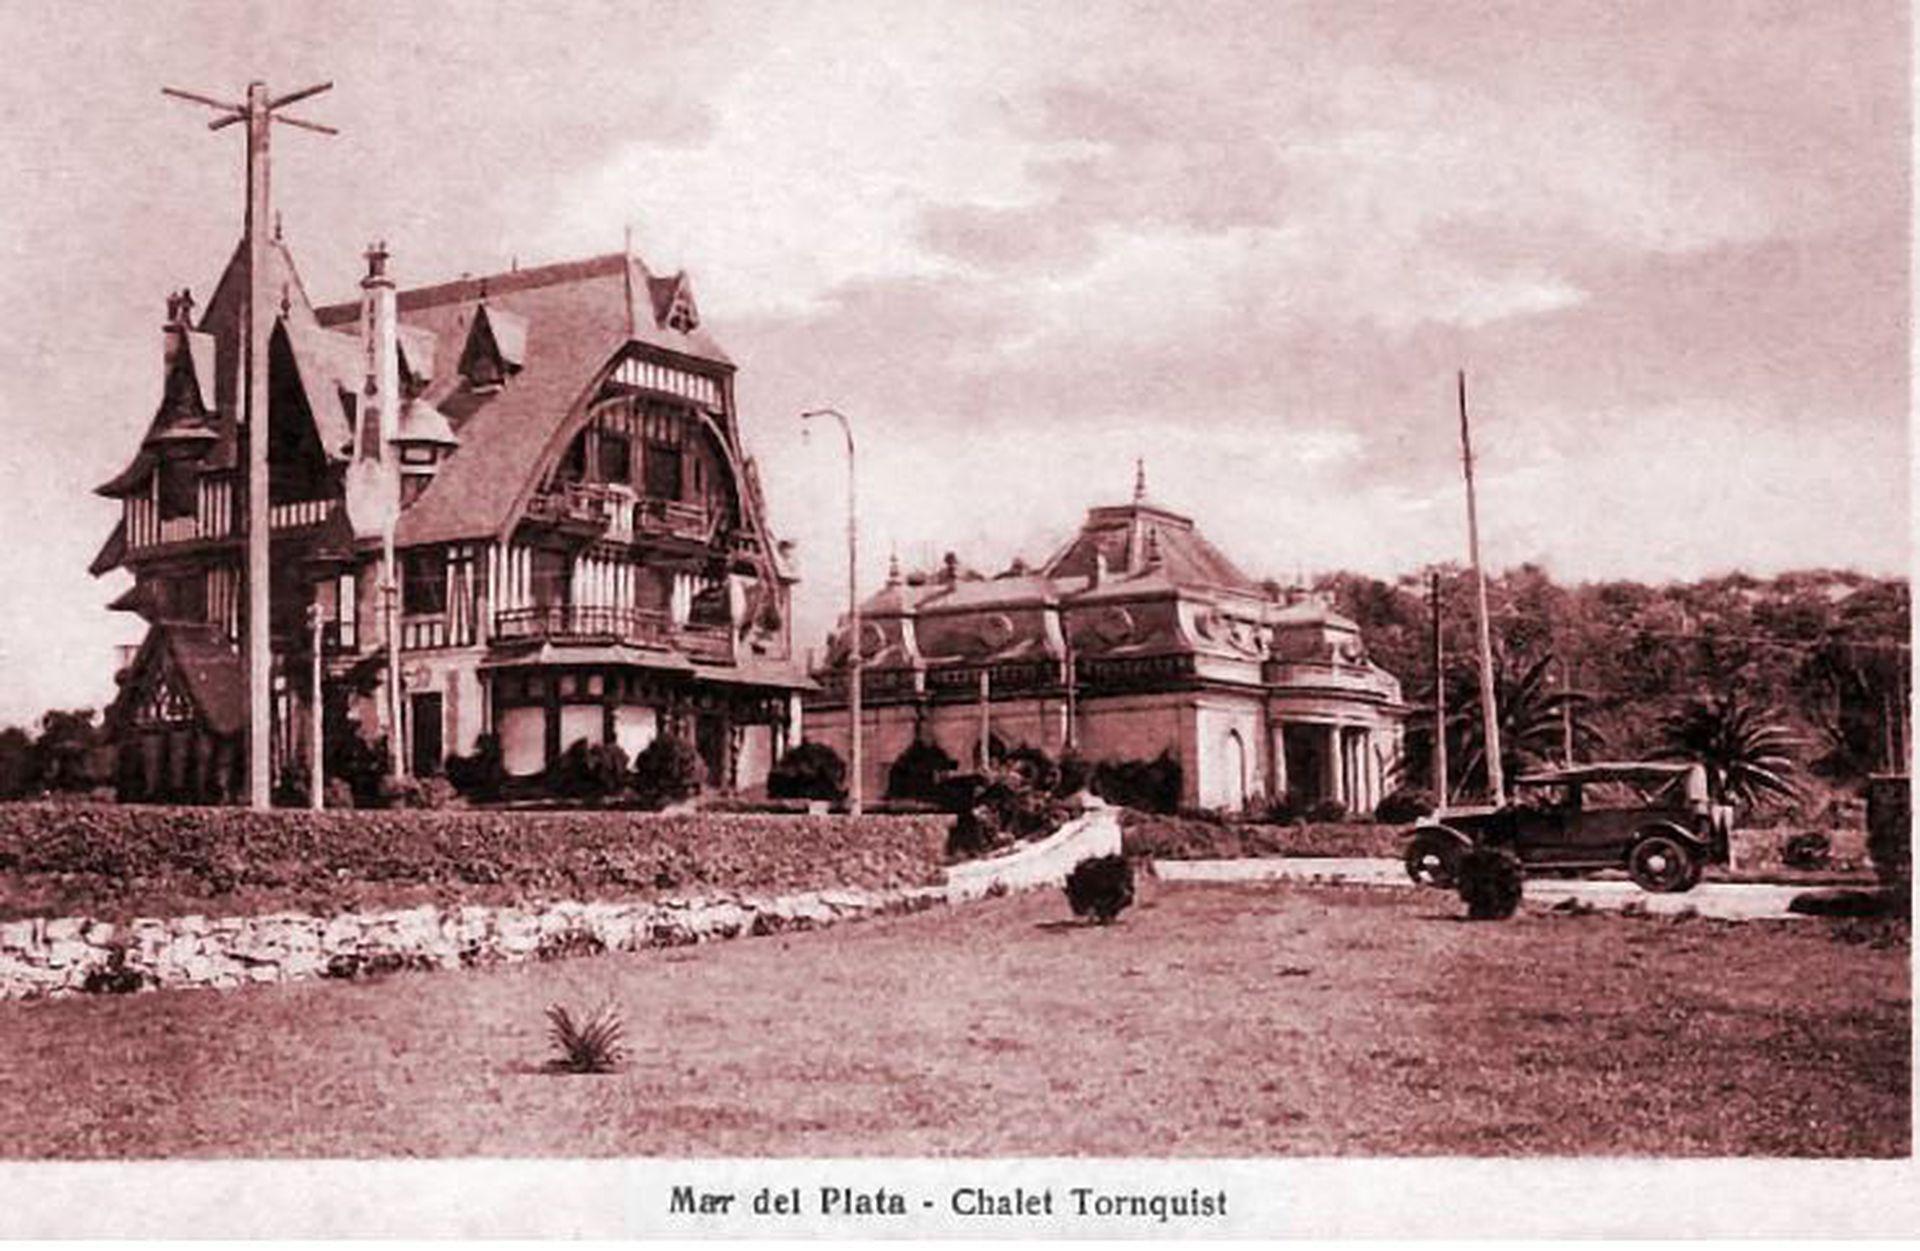 Chalet Tornquist al fondo. Al frente, el chalet de Carlos Dose en Mar del Plata.